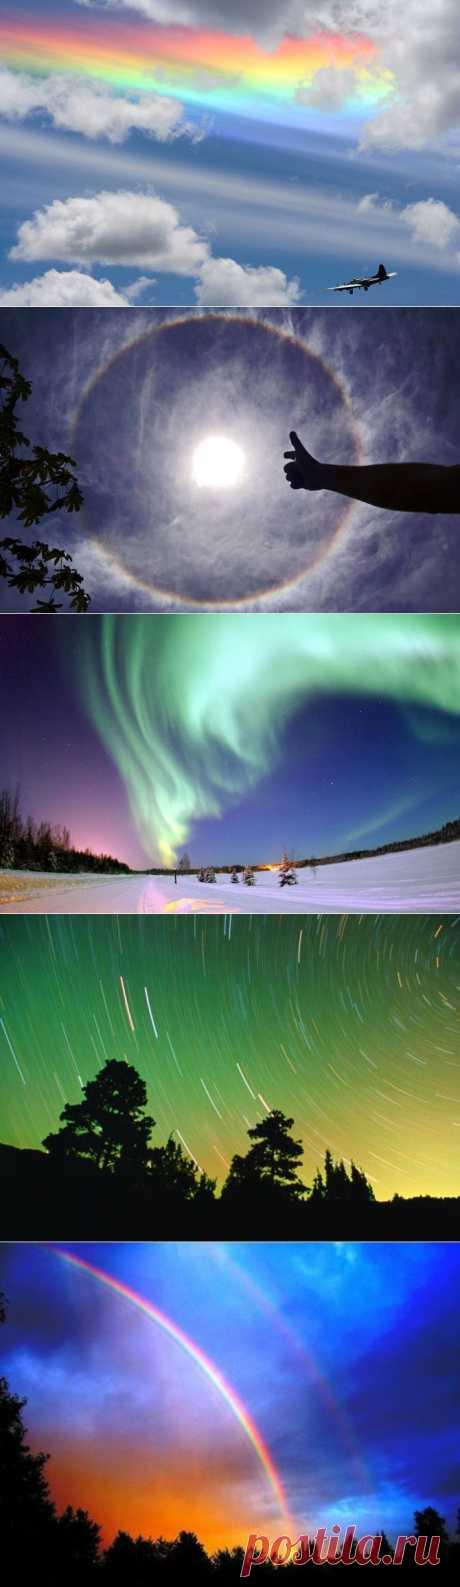 14 световых феноменов в фотографиях | УДИВИТЕЛЬНОЕ